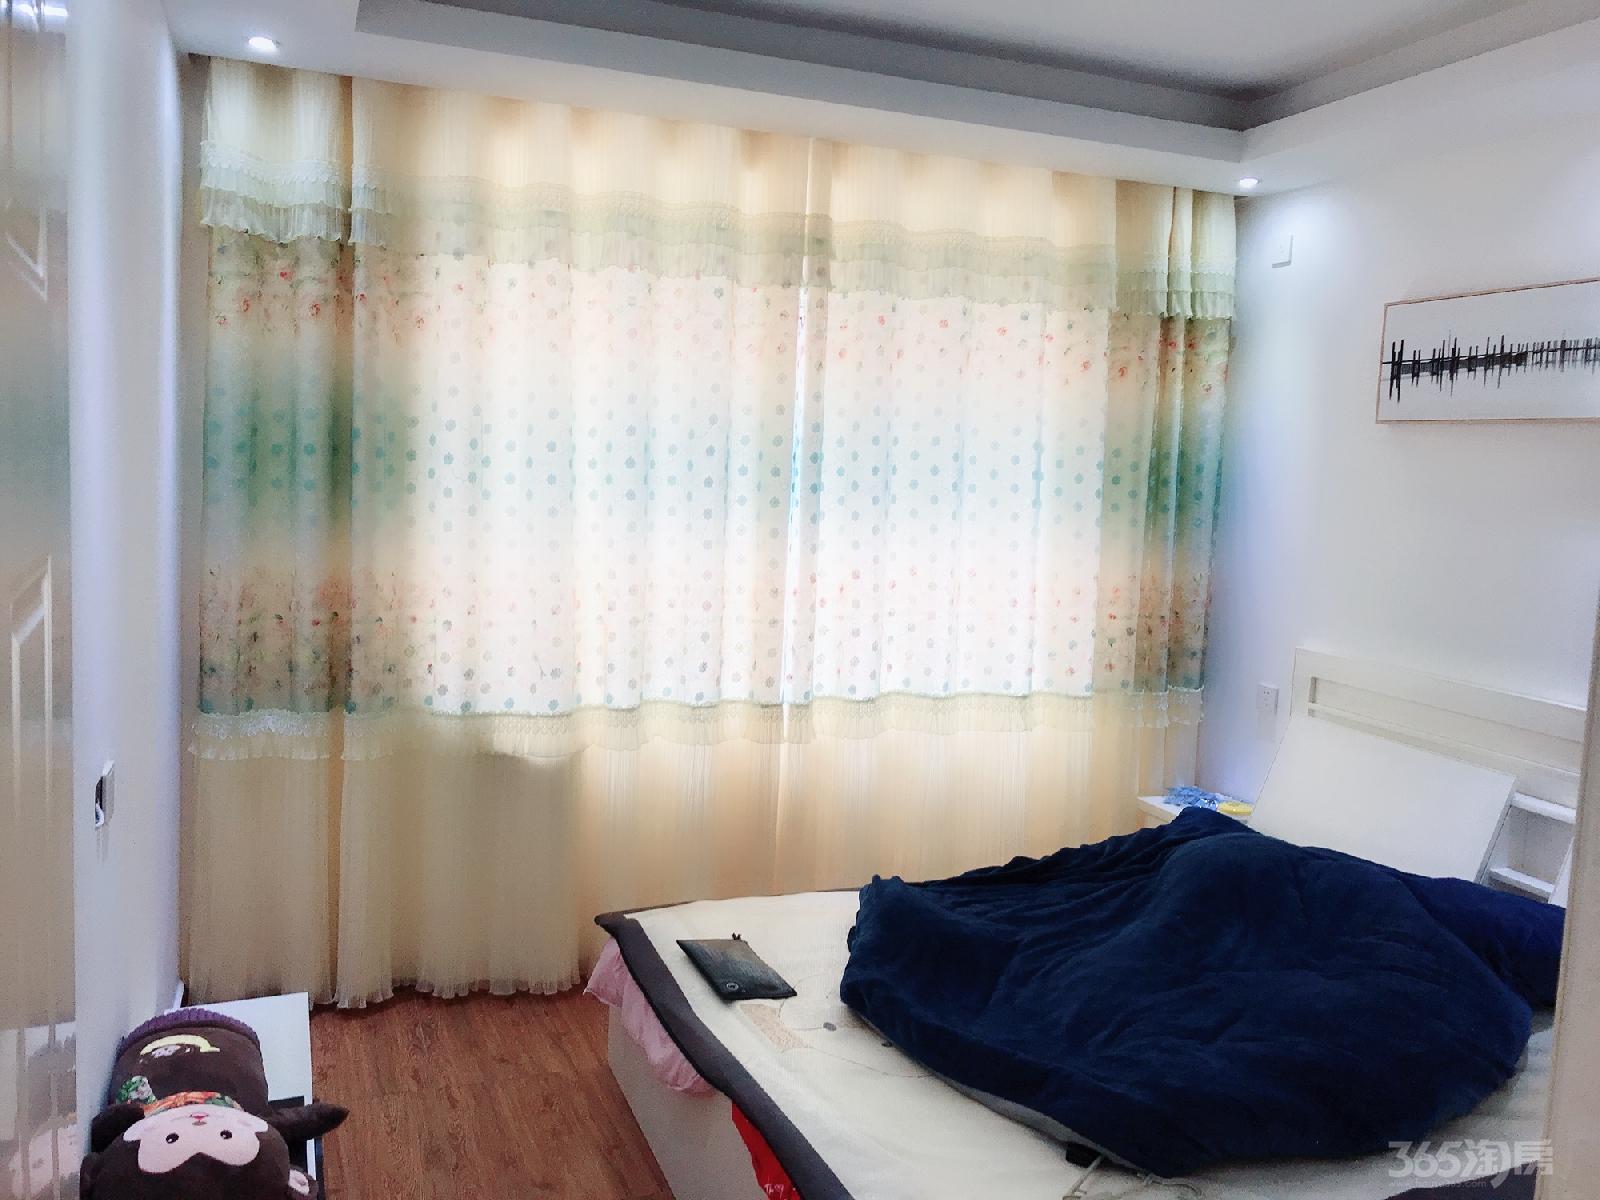 仙林悦城3室1厅1卫89平米精装产权房2013年建满五年